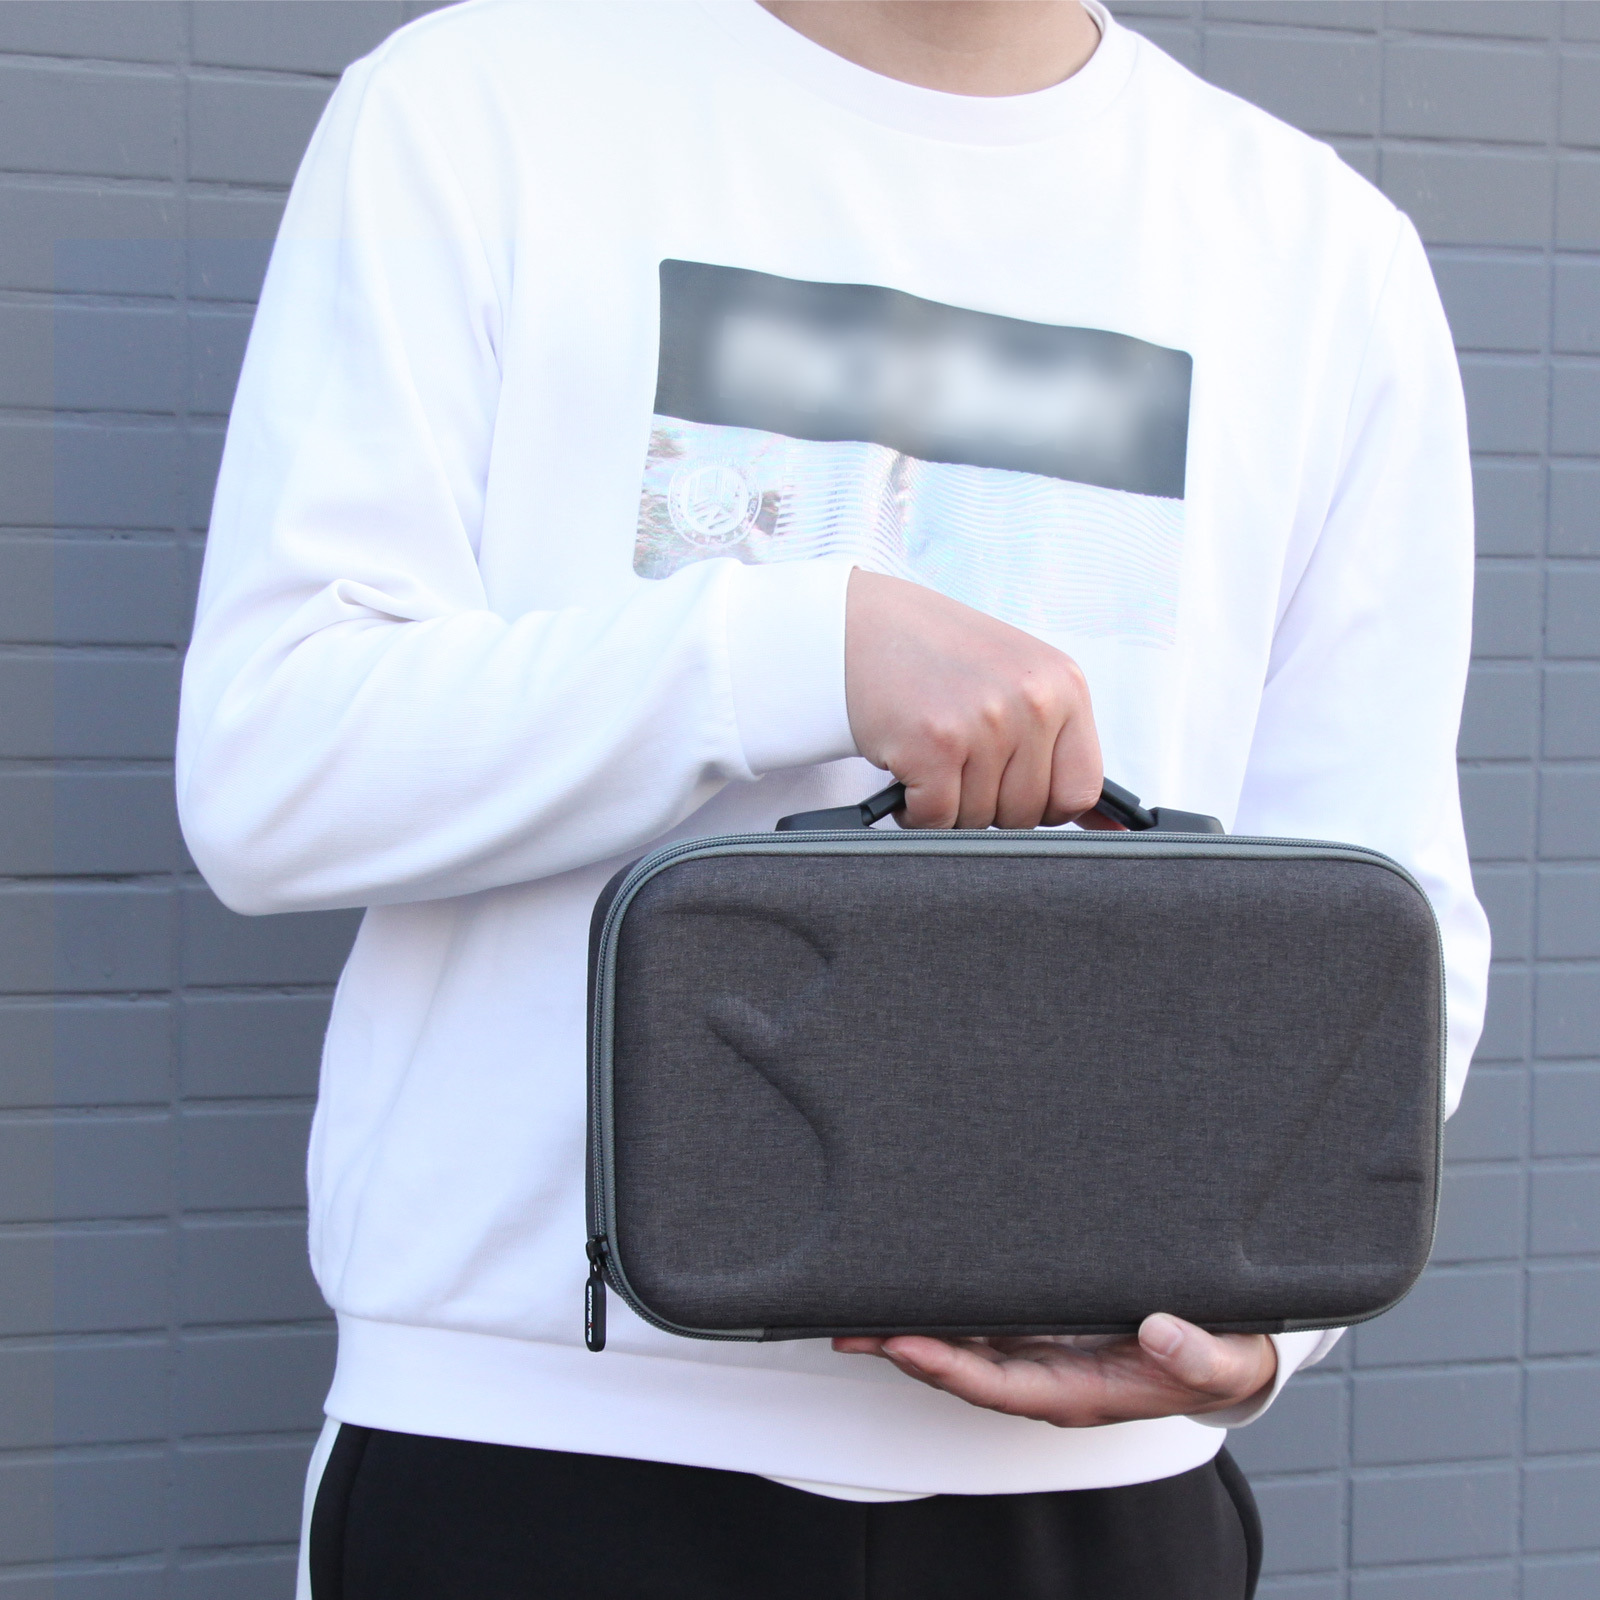 Sunnylife Insta360 ONE X2/X收納包子彈時間套裝手提包配件 Insta360配件